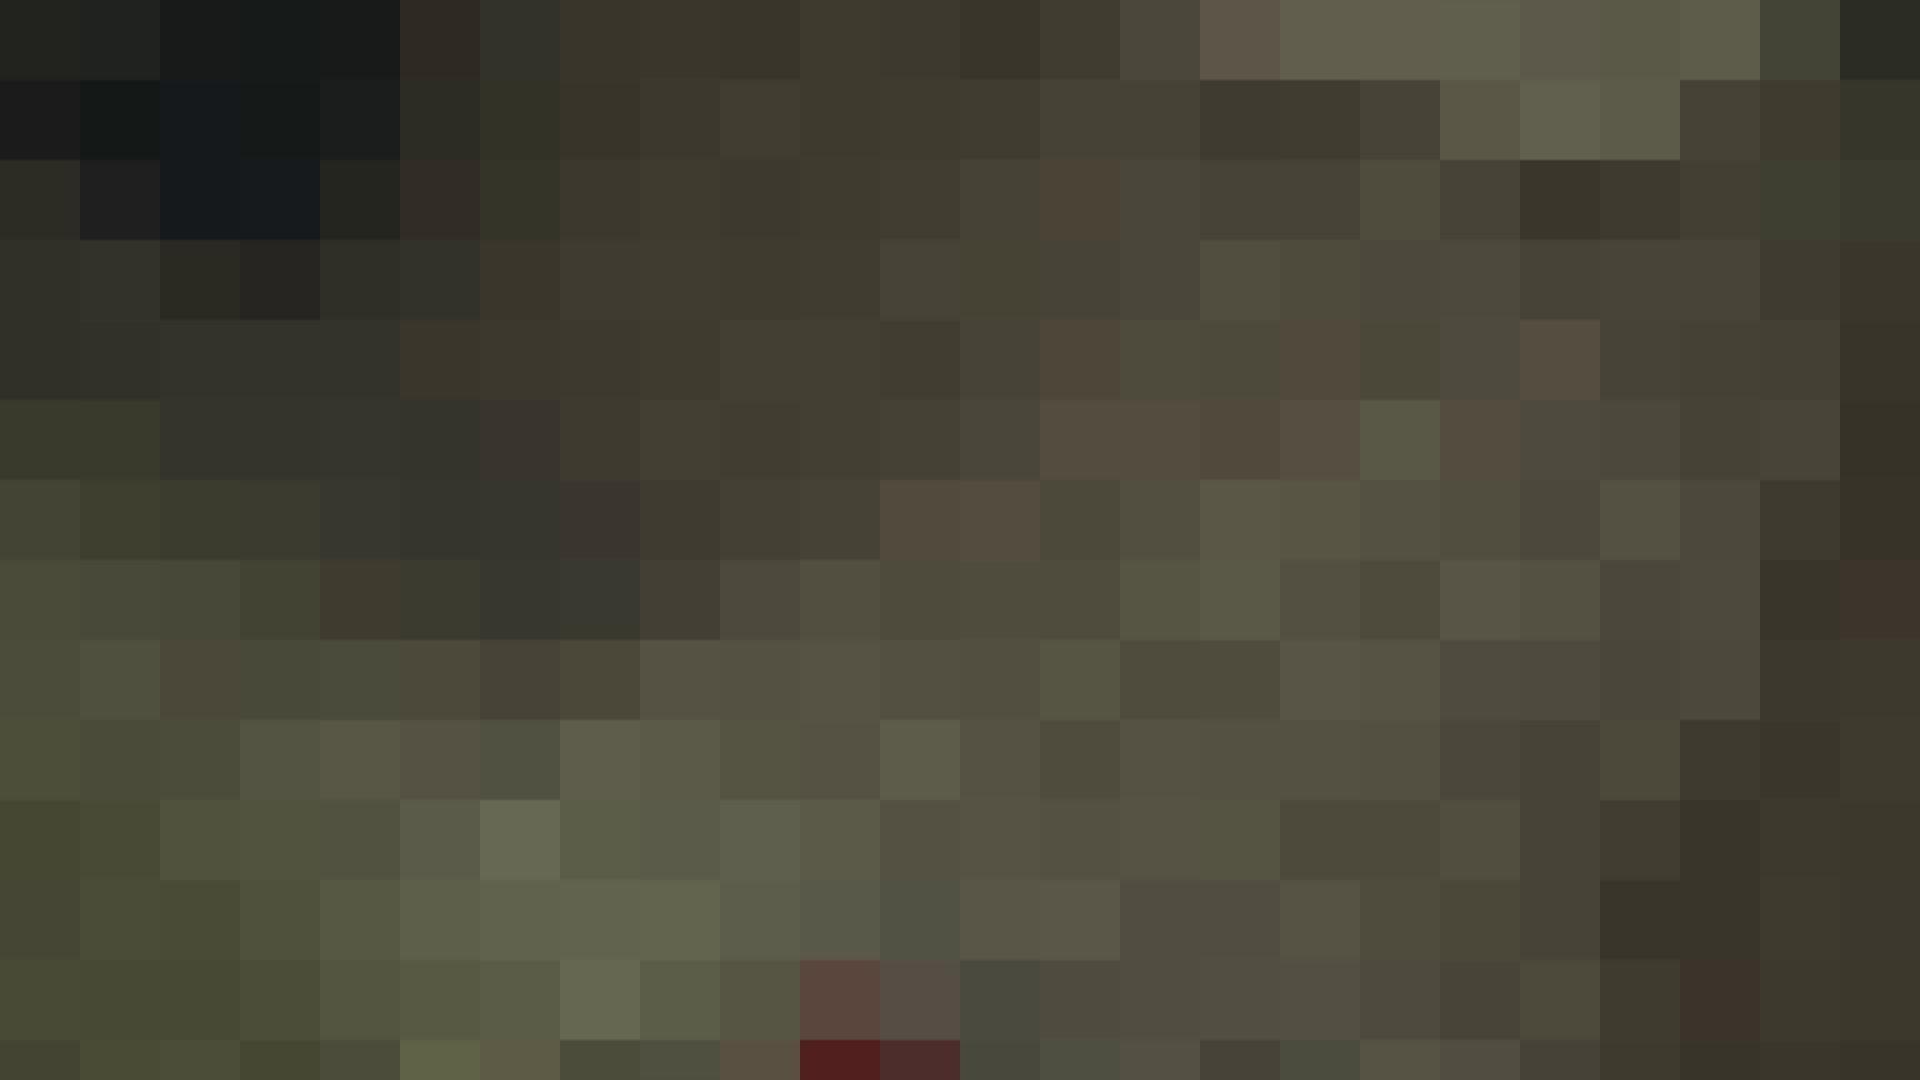 vol.24 命がけ潜伏洗面所! 三十時間潜り、一つしか出会えない完璧桃尻編 美人 ヌード画像 86連発 56